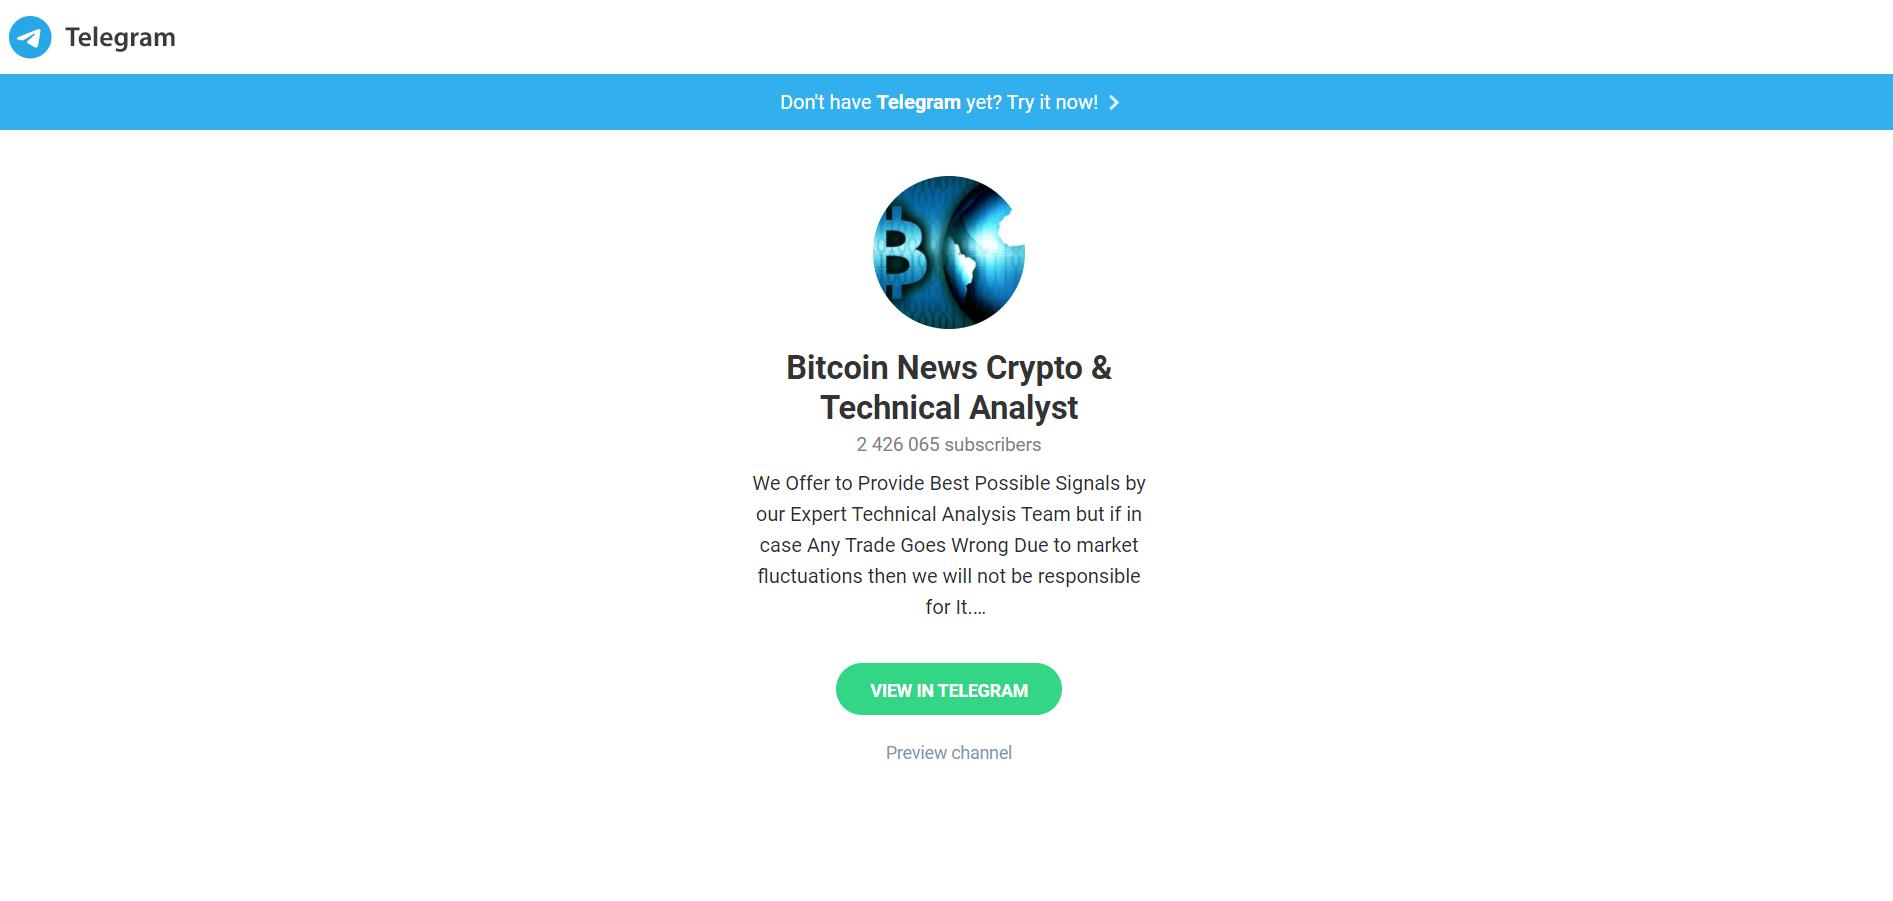 Bitcoin News Crypto & Technical Analyst